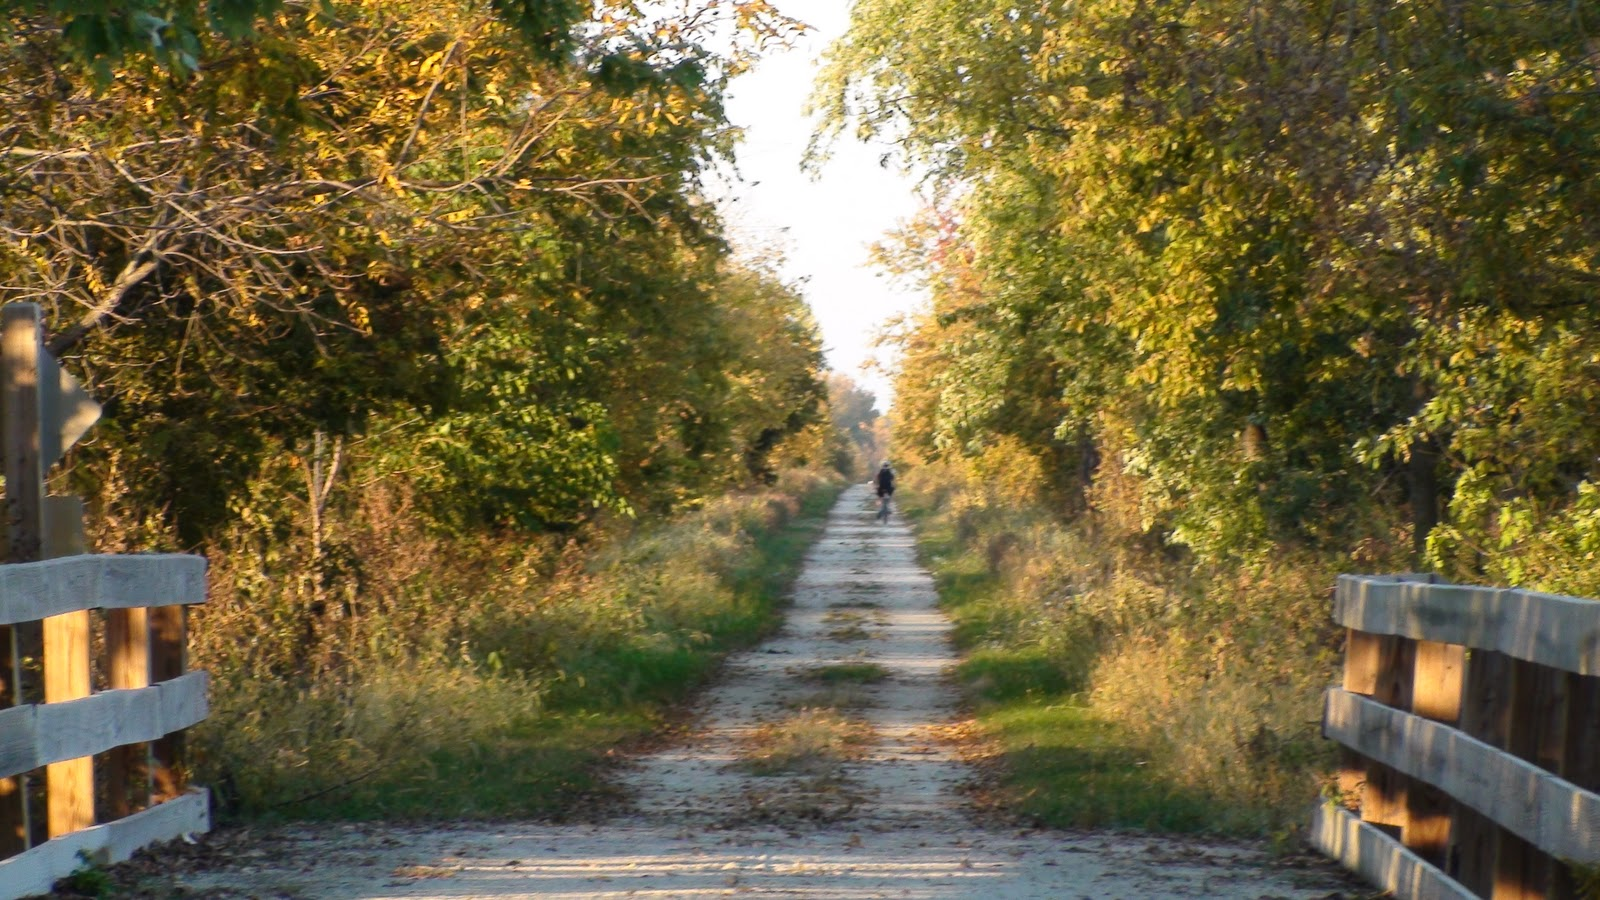 Illinois will county manhattan - Illinois Will County Manhattan 22